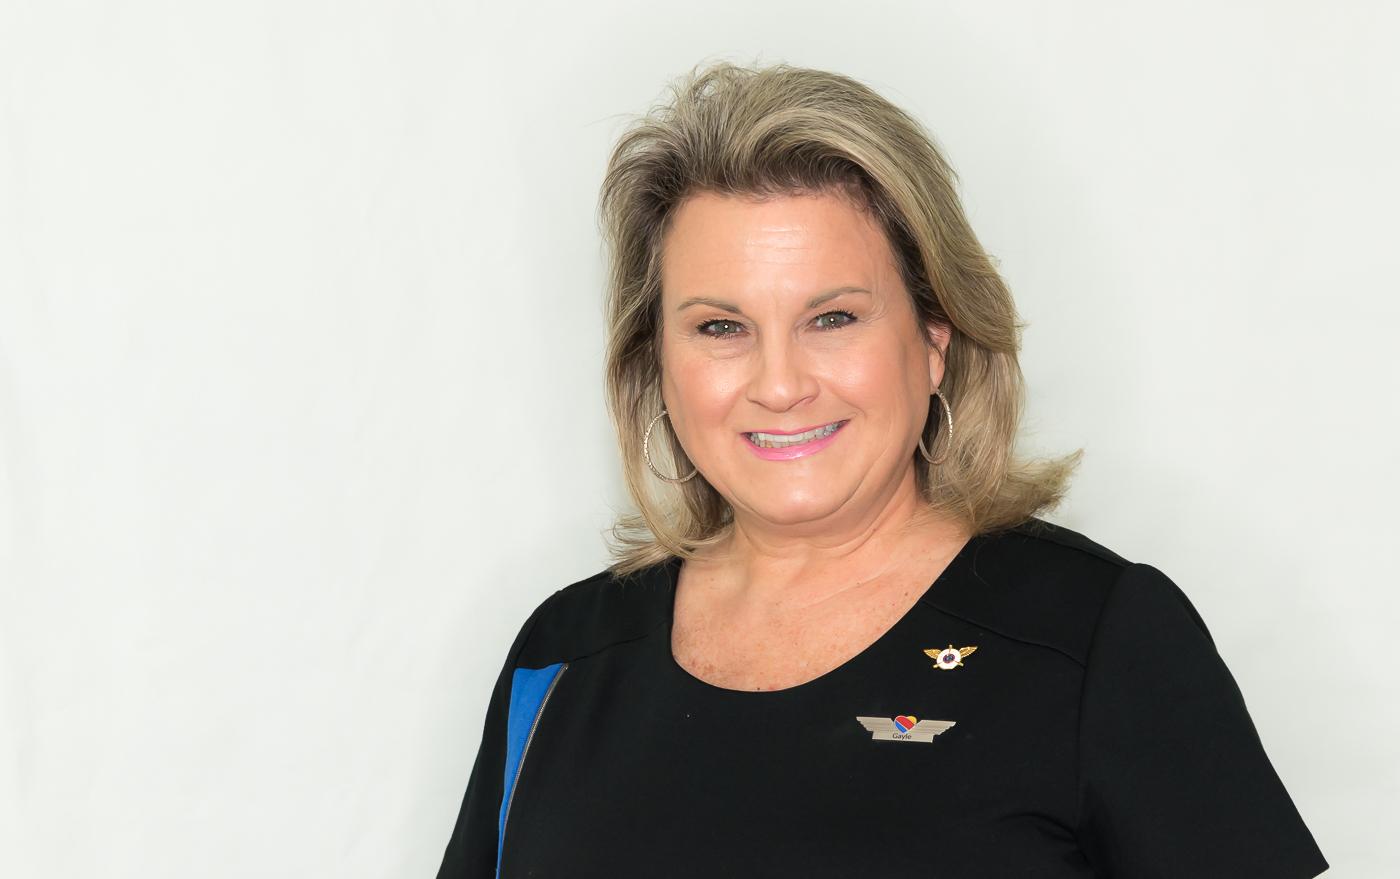 Gayle Middleton